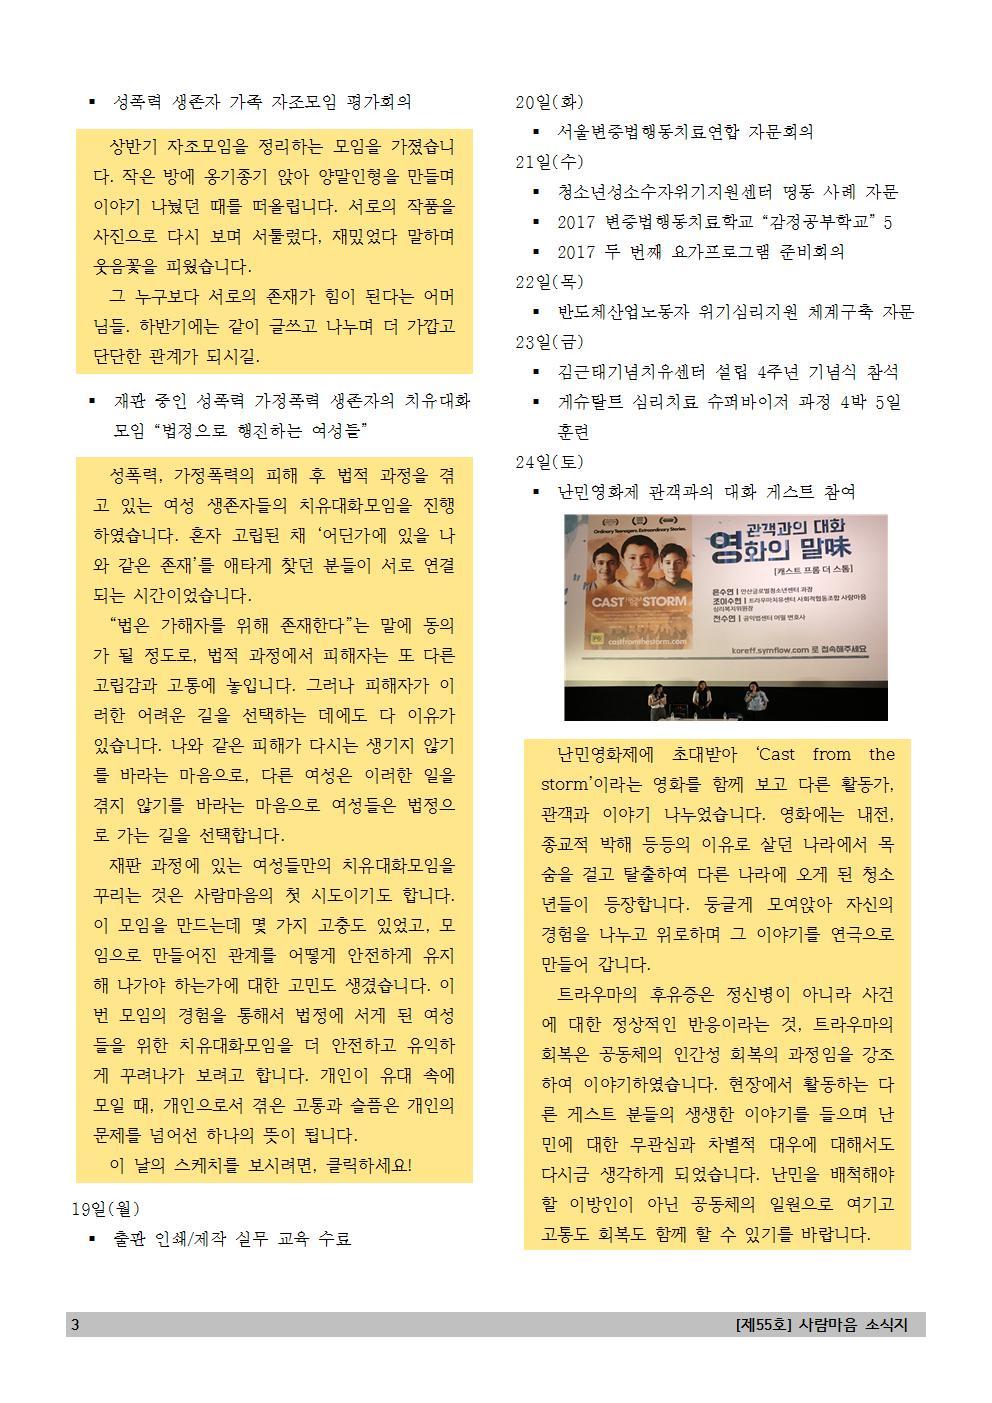 201707_55th_news letter (4).jpg